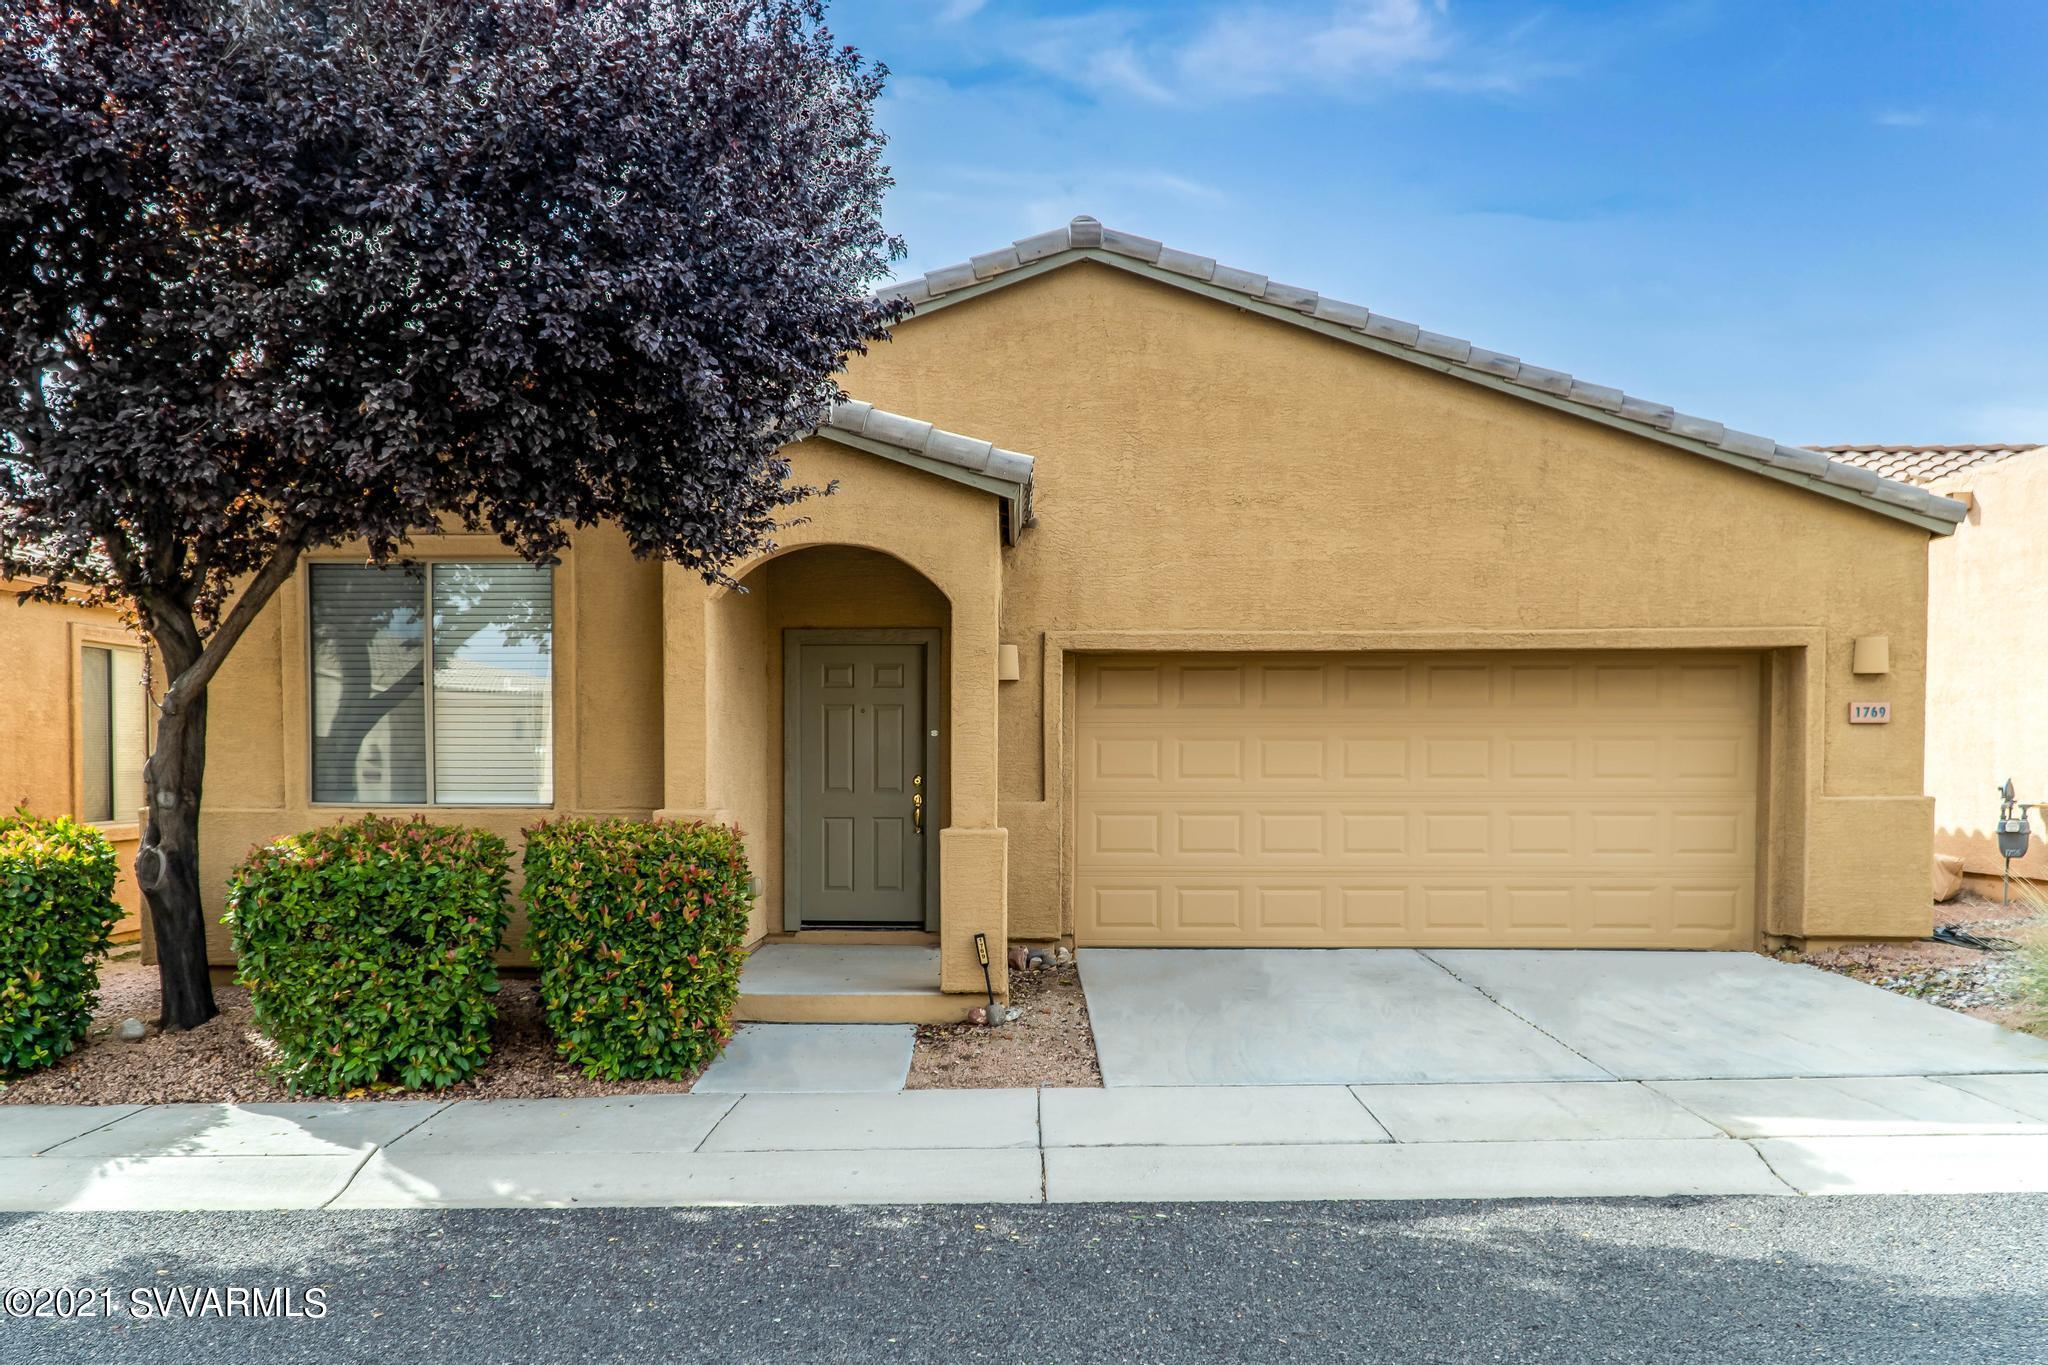 1769 E Arroyo Seco Cottonwood, AZ 86326